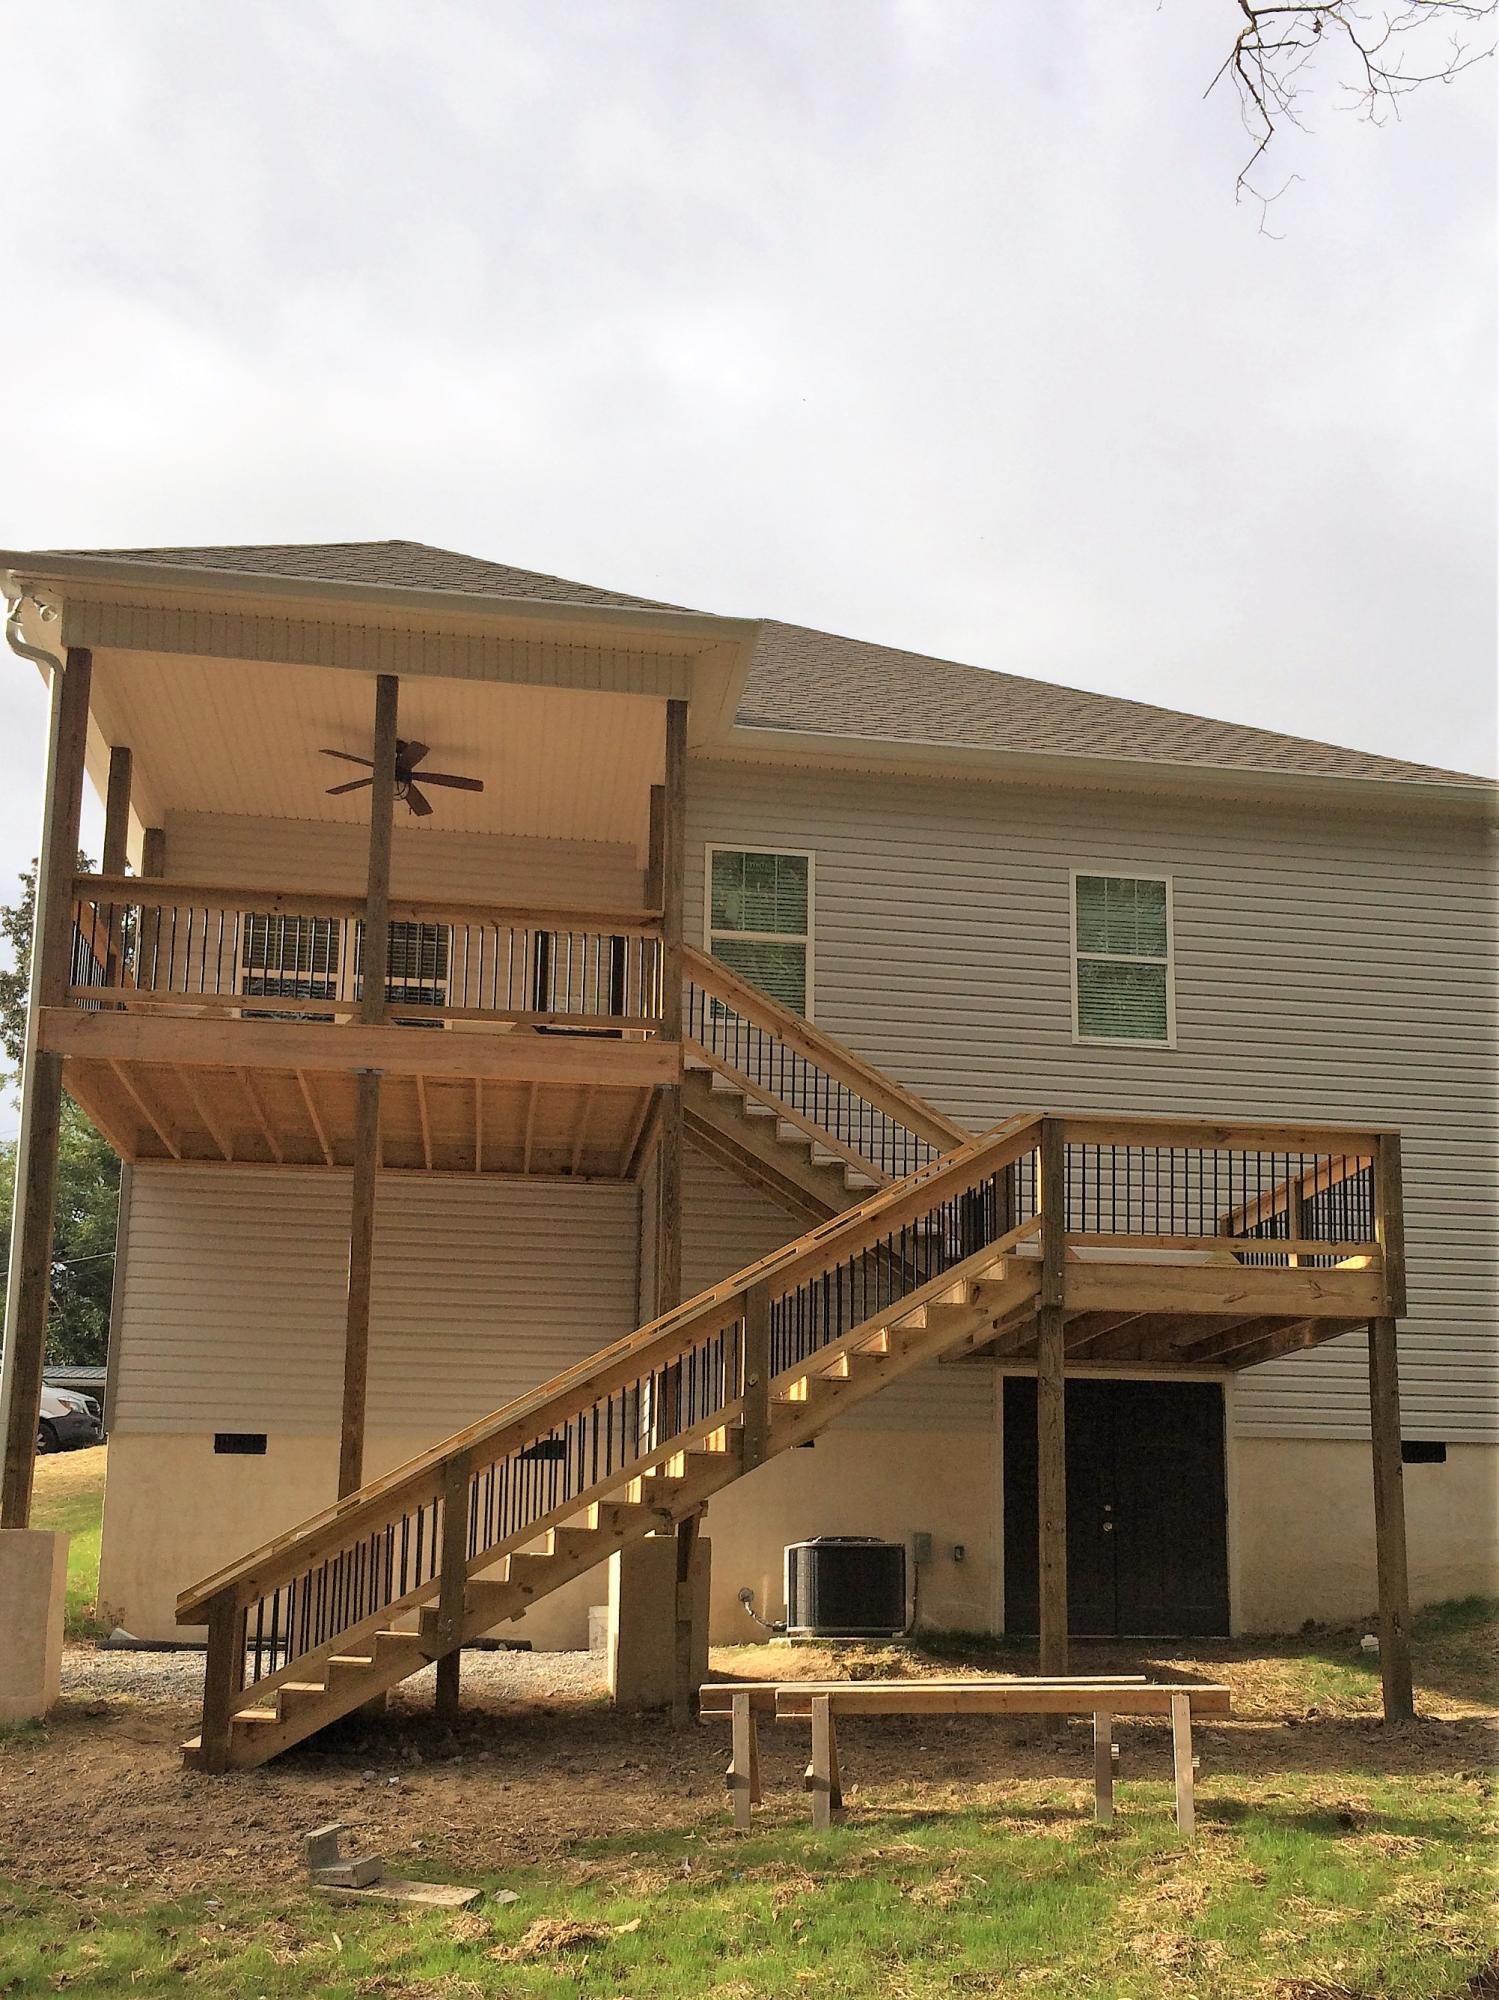 1335 Hixson Ave, Hixson, TN 37343